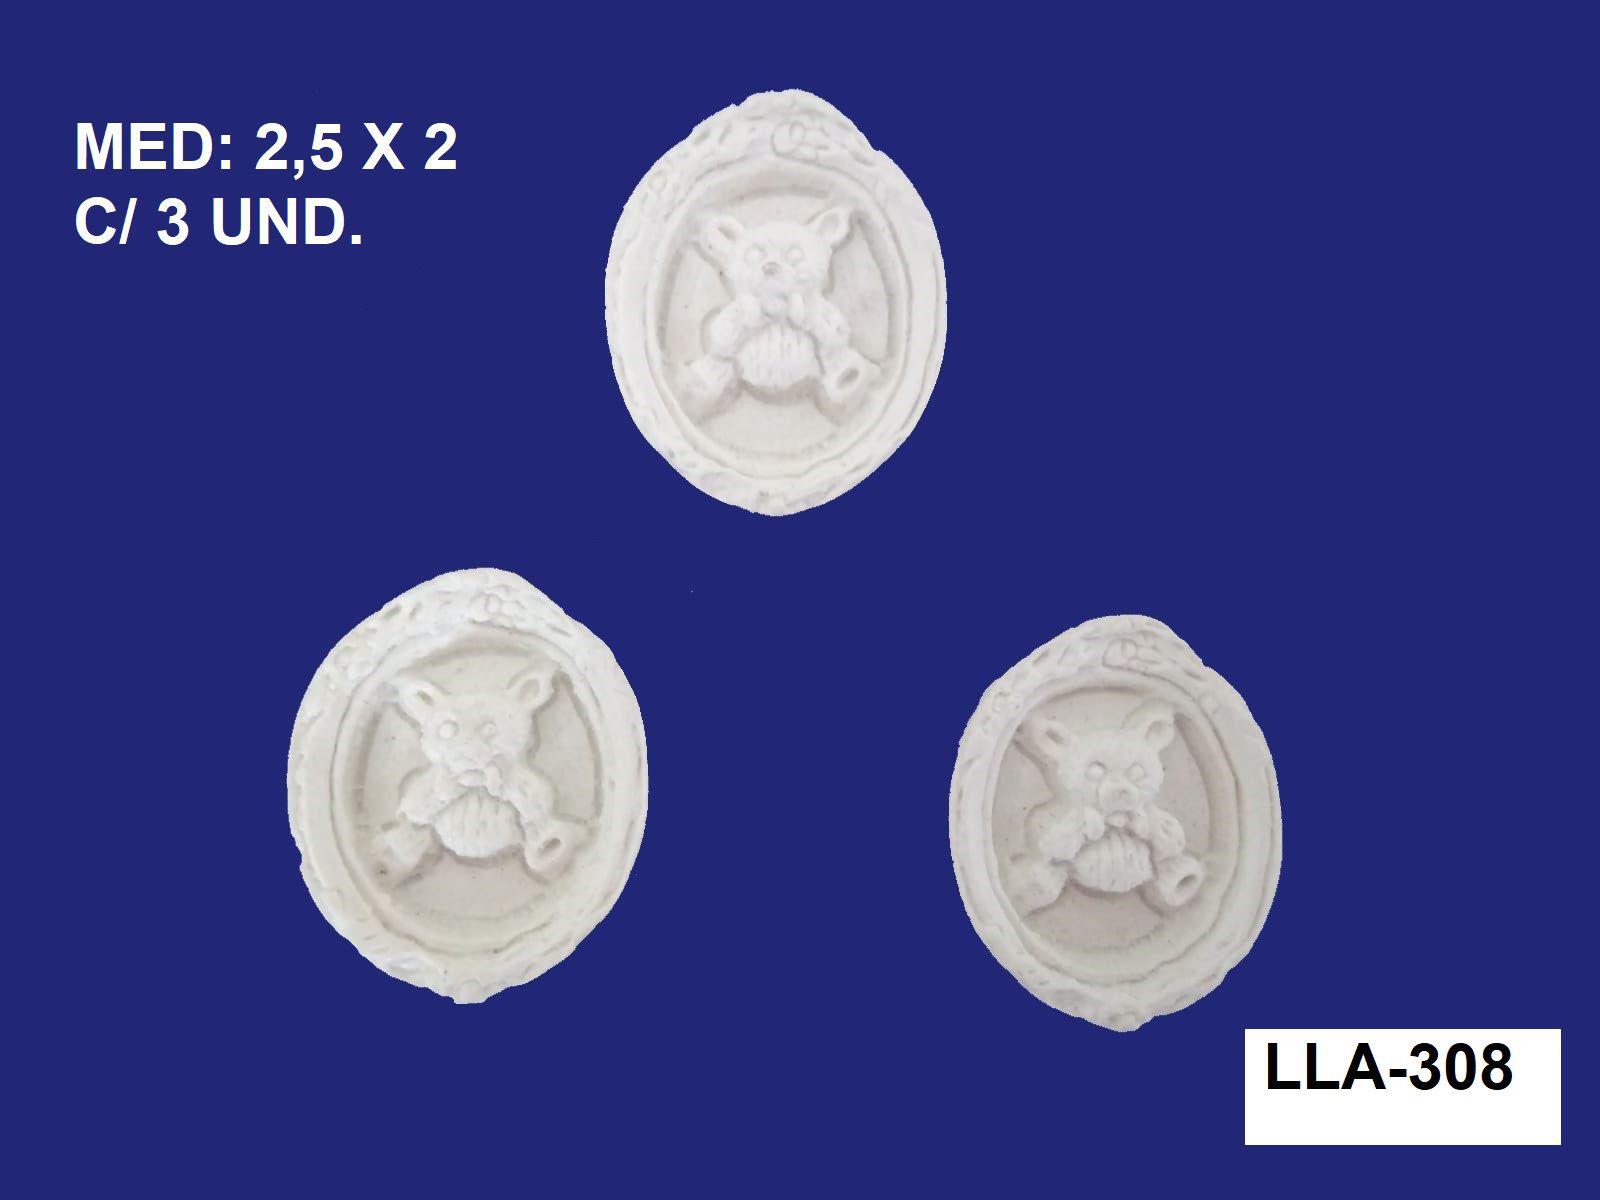 LLA-308 APLIQUE PLAQUINHA URSO 2,5X2CM C/ 3 UND.